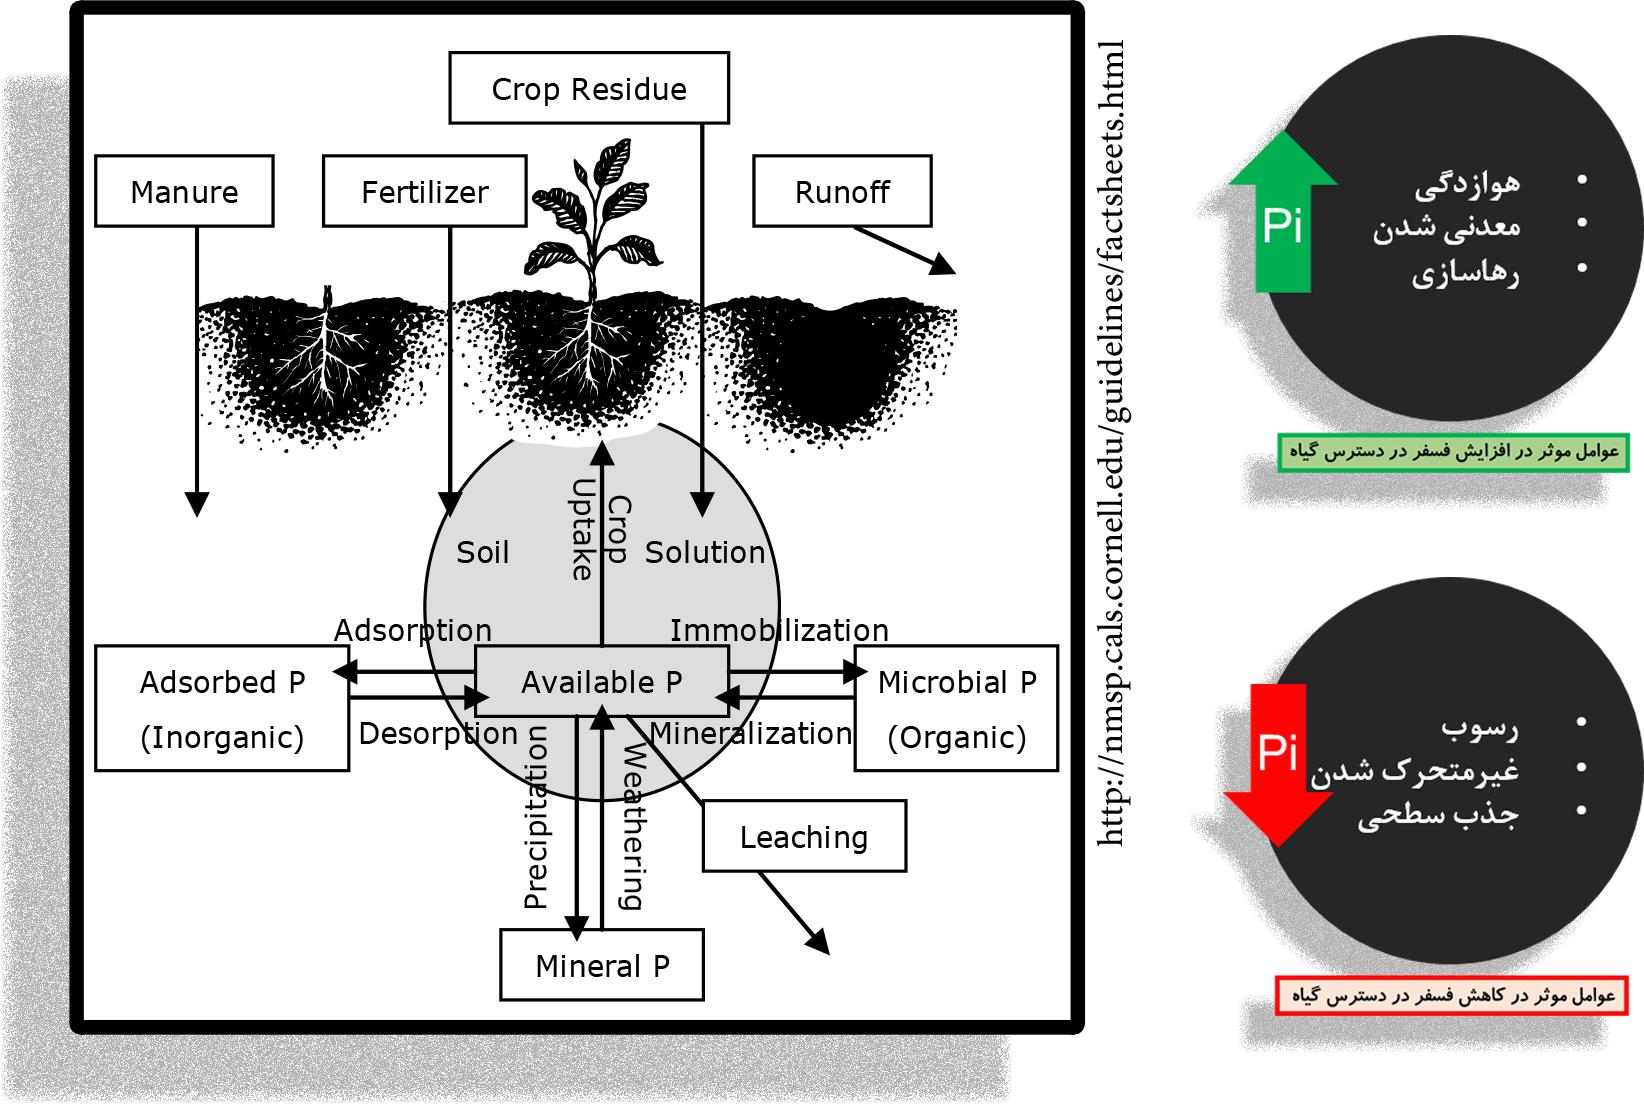 سبز  گندم در خاک شرکت زیست فناور سبز | فسفر